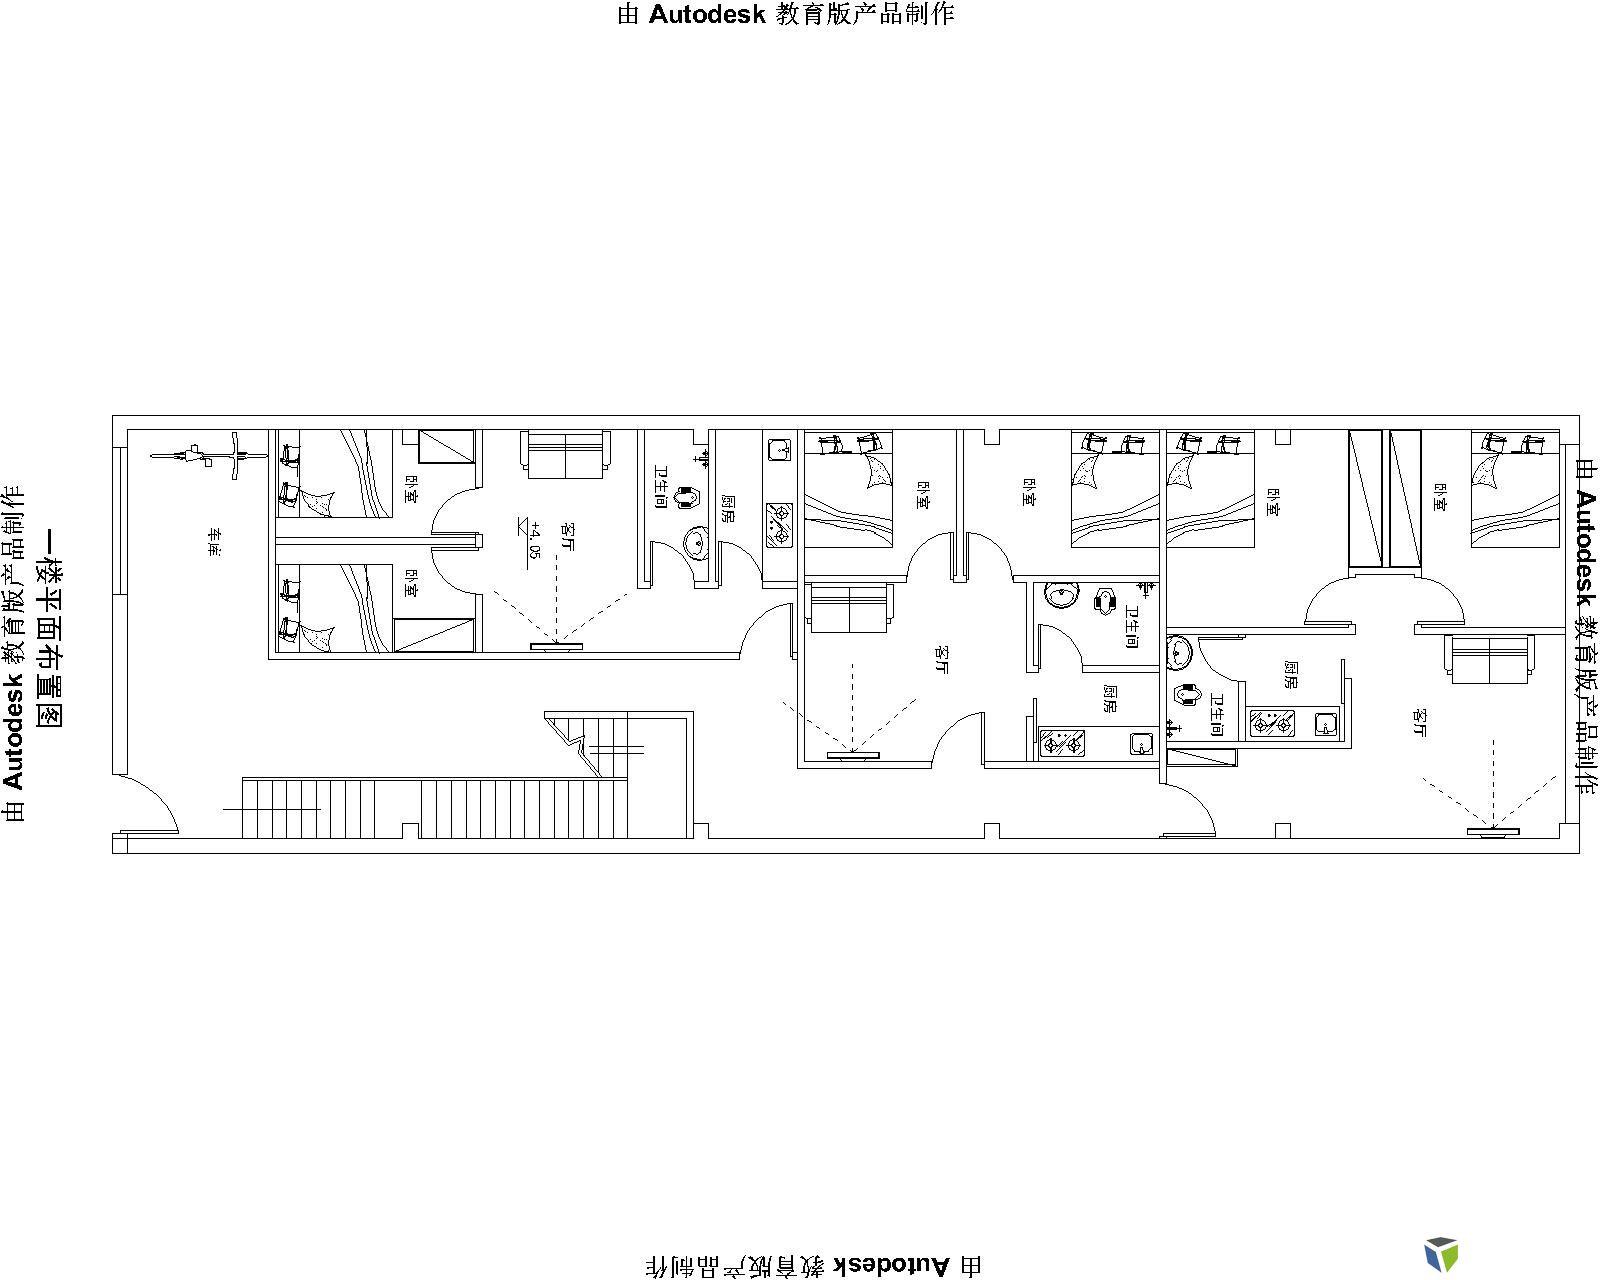 厂房改成出租房-室内设计师平台 -室内设计论坛-扮家